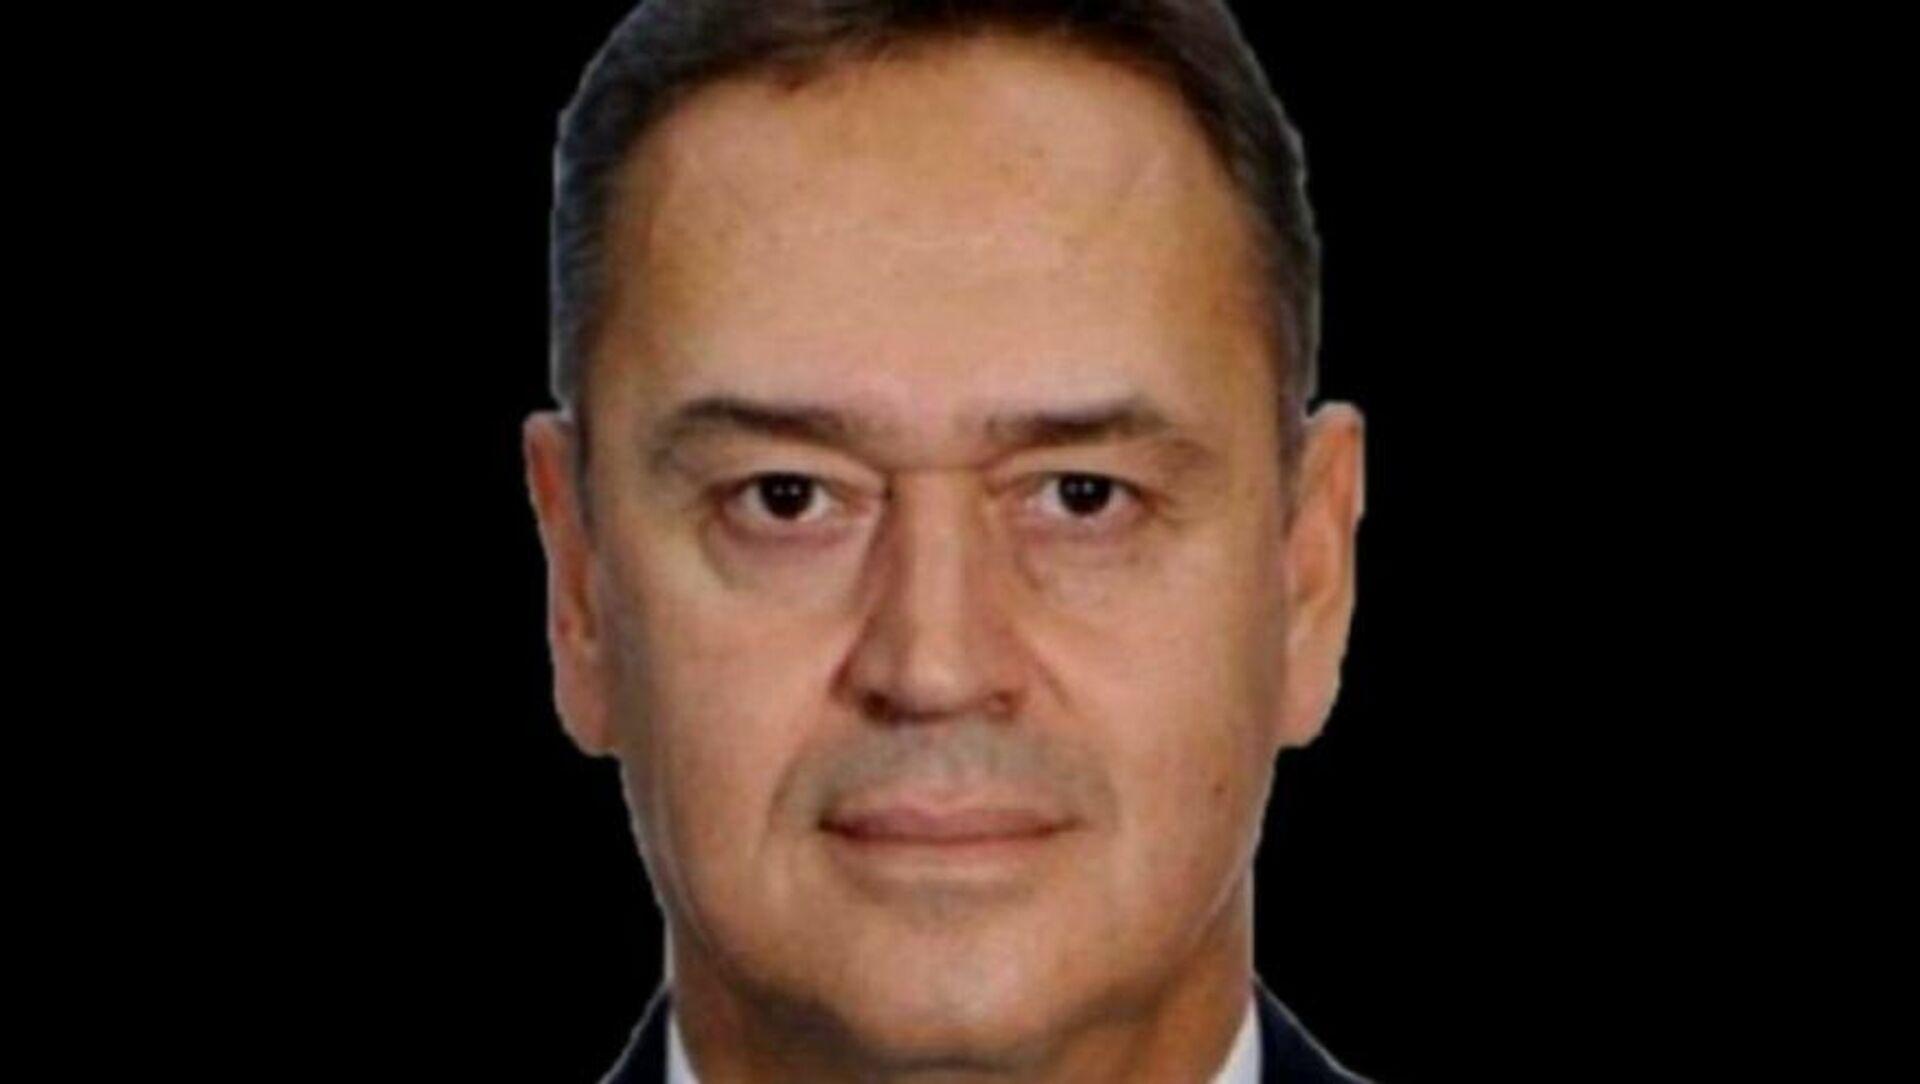 Muğla'daki Milas Bodrum Havalimanı'na dün akşam saatlerinde uçağı indiren kaptan pilotun terminale gitmek için bindiği araçta fenalaştığı ve ambulans ile kaldırıldığı hastanede yaşamını yitirdiği açıklandı. - Sputnik Türkiye, 1920, 24.07.2021